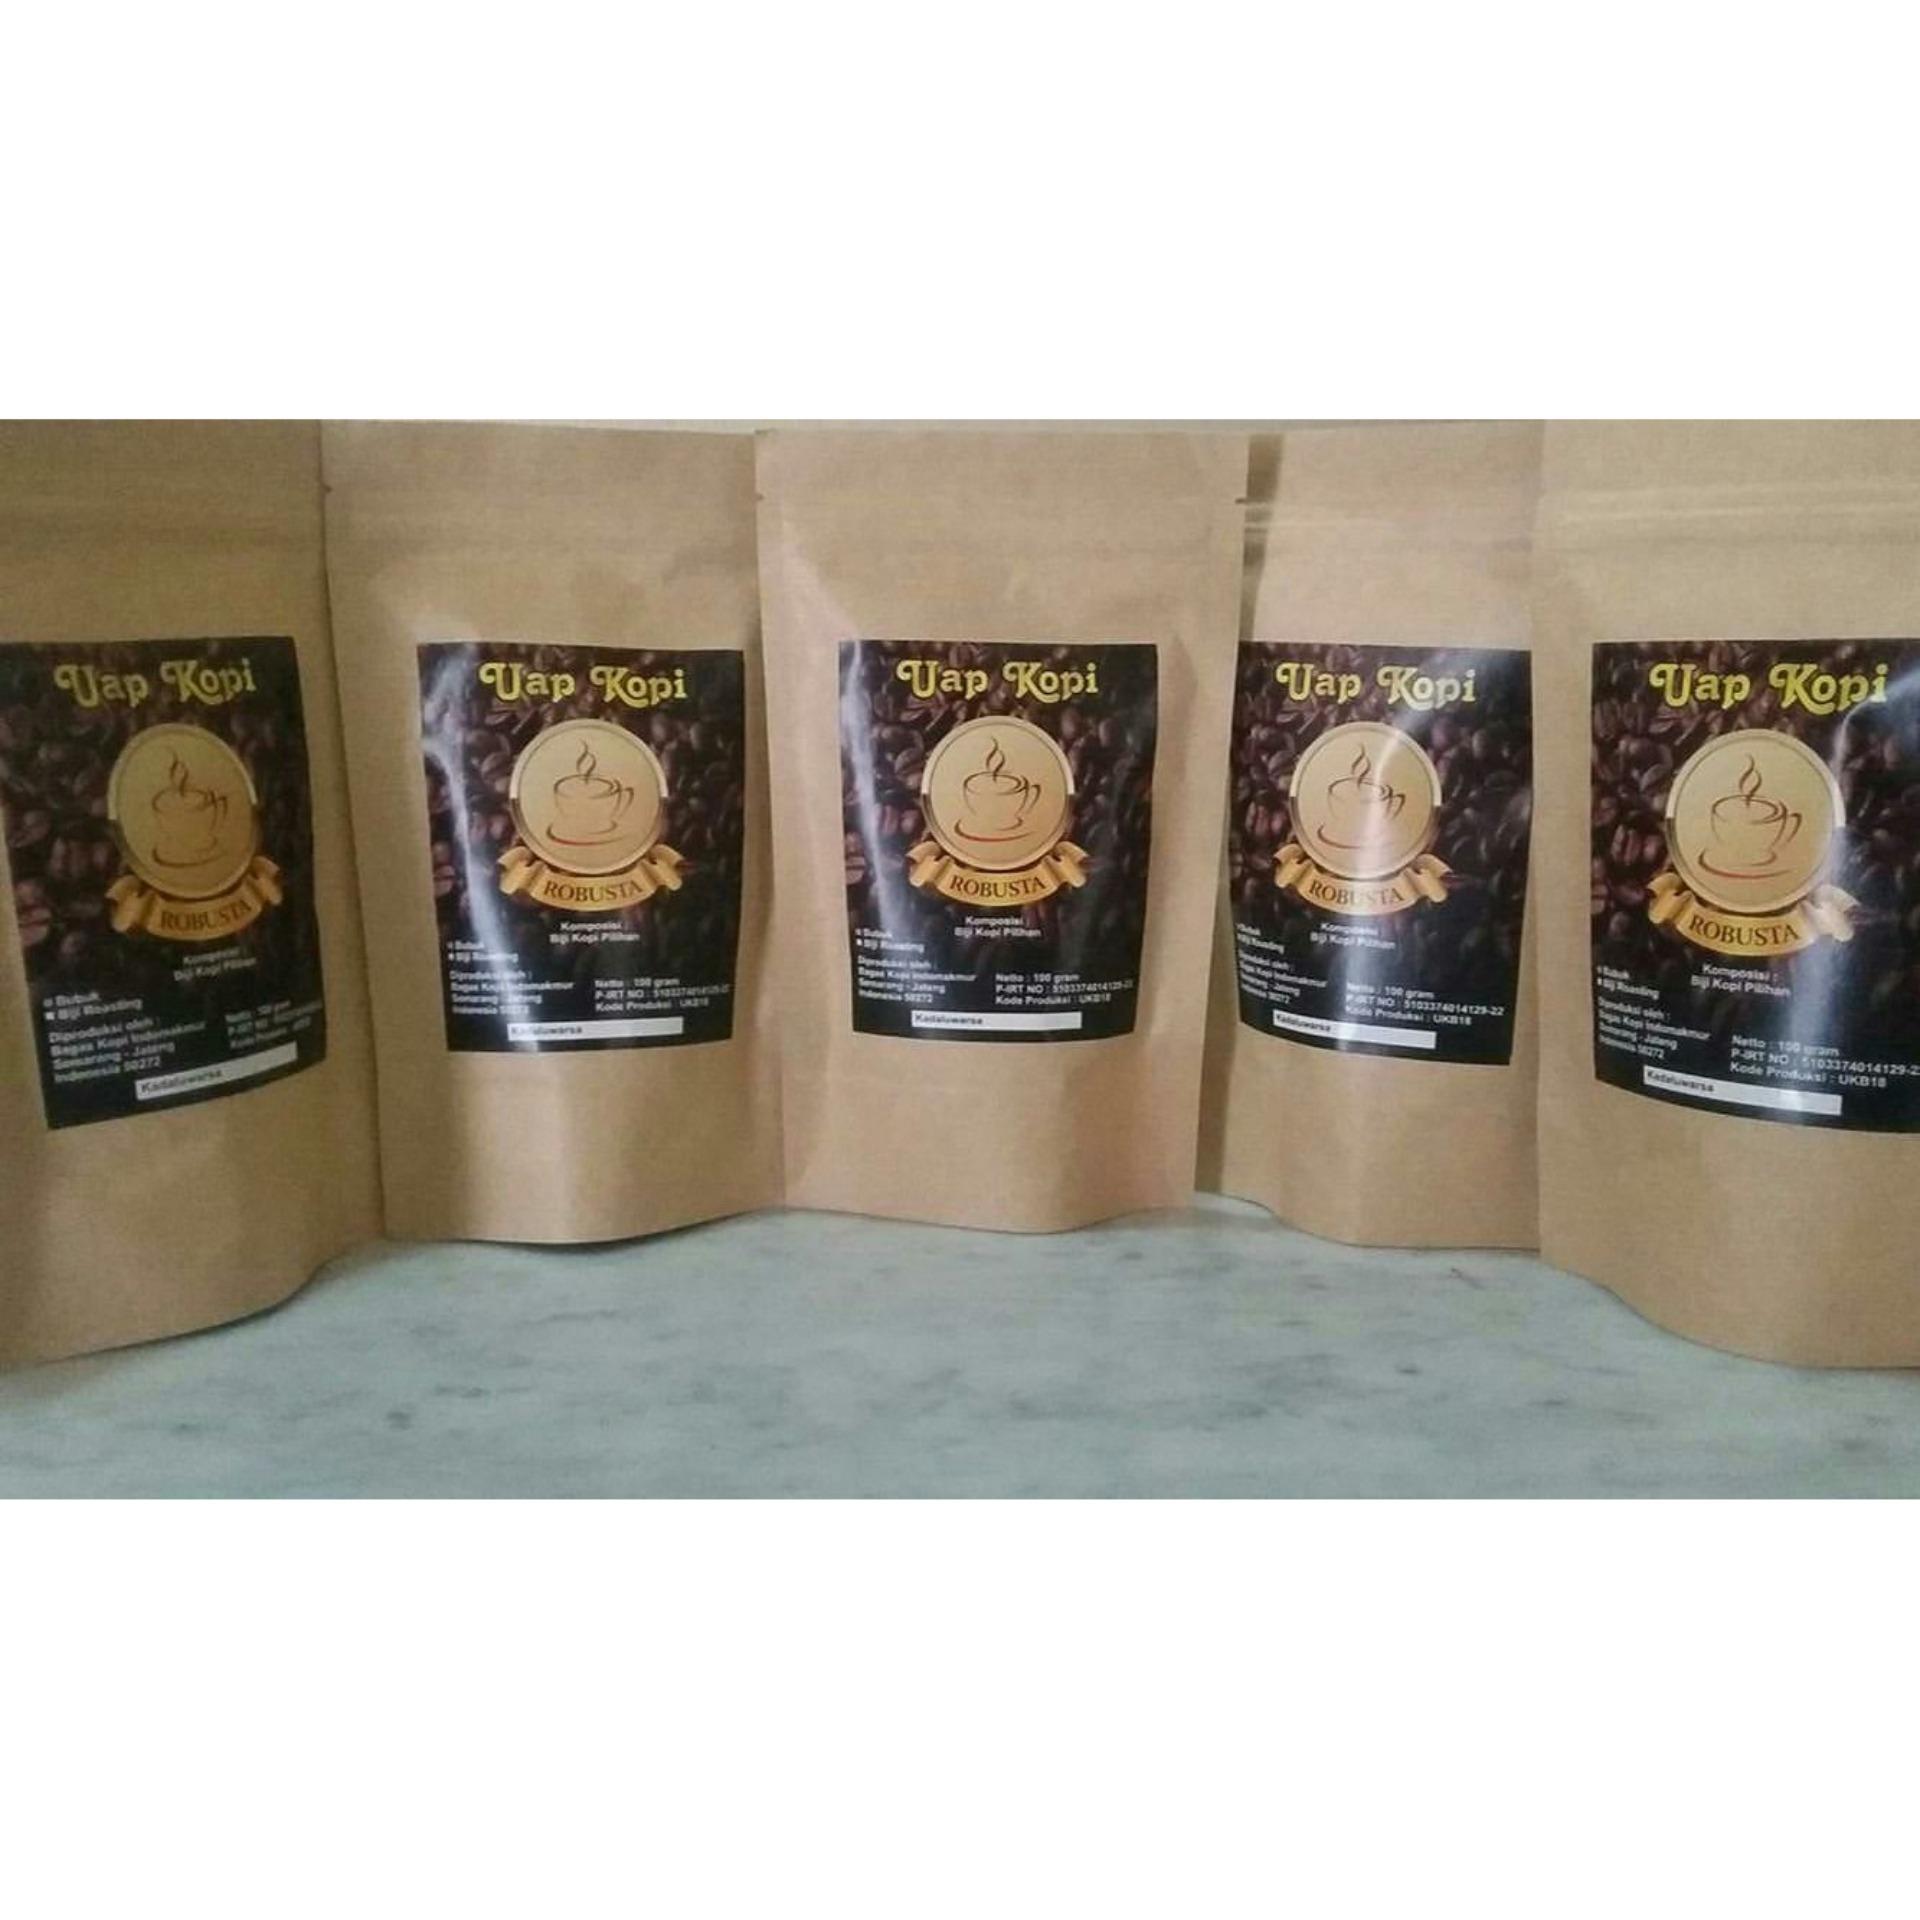 Uap Kopi Biji Roasting Robusta Premium 2 Bungkus Daftar Harga Bubuk Arabika Super Koffie Warung Tinggi Coffee 250 Gram 3 100 Murni